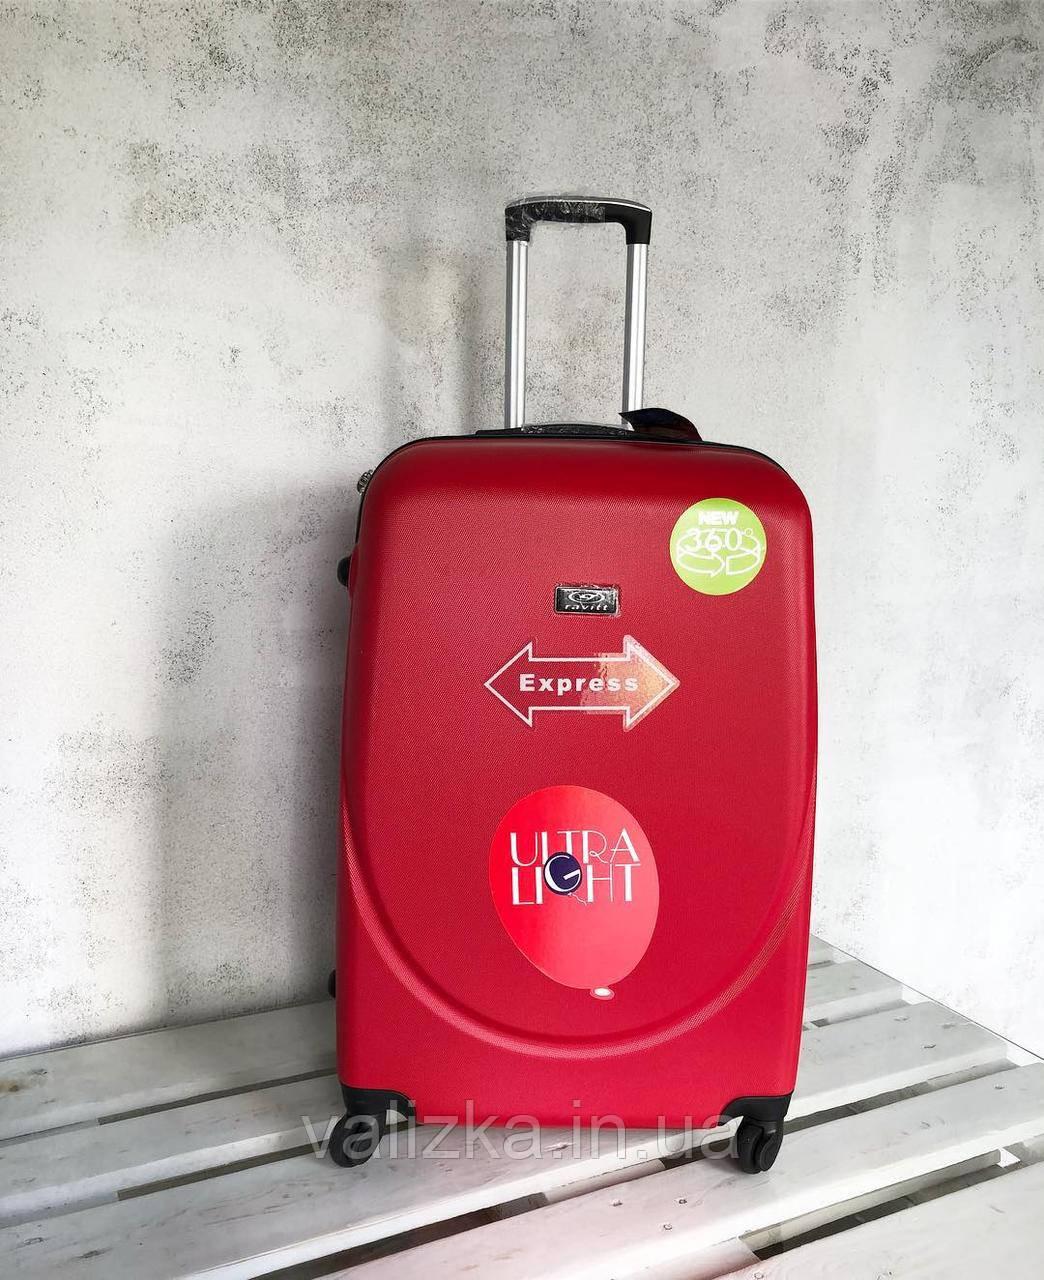 Большой пластиковый чемодан на 4-х колесах красный / Велика пластикова валіза на колесах червона Польша